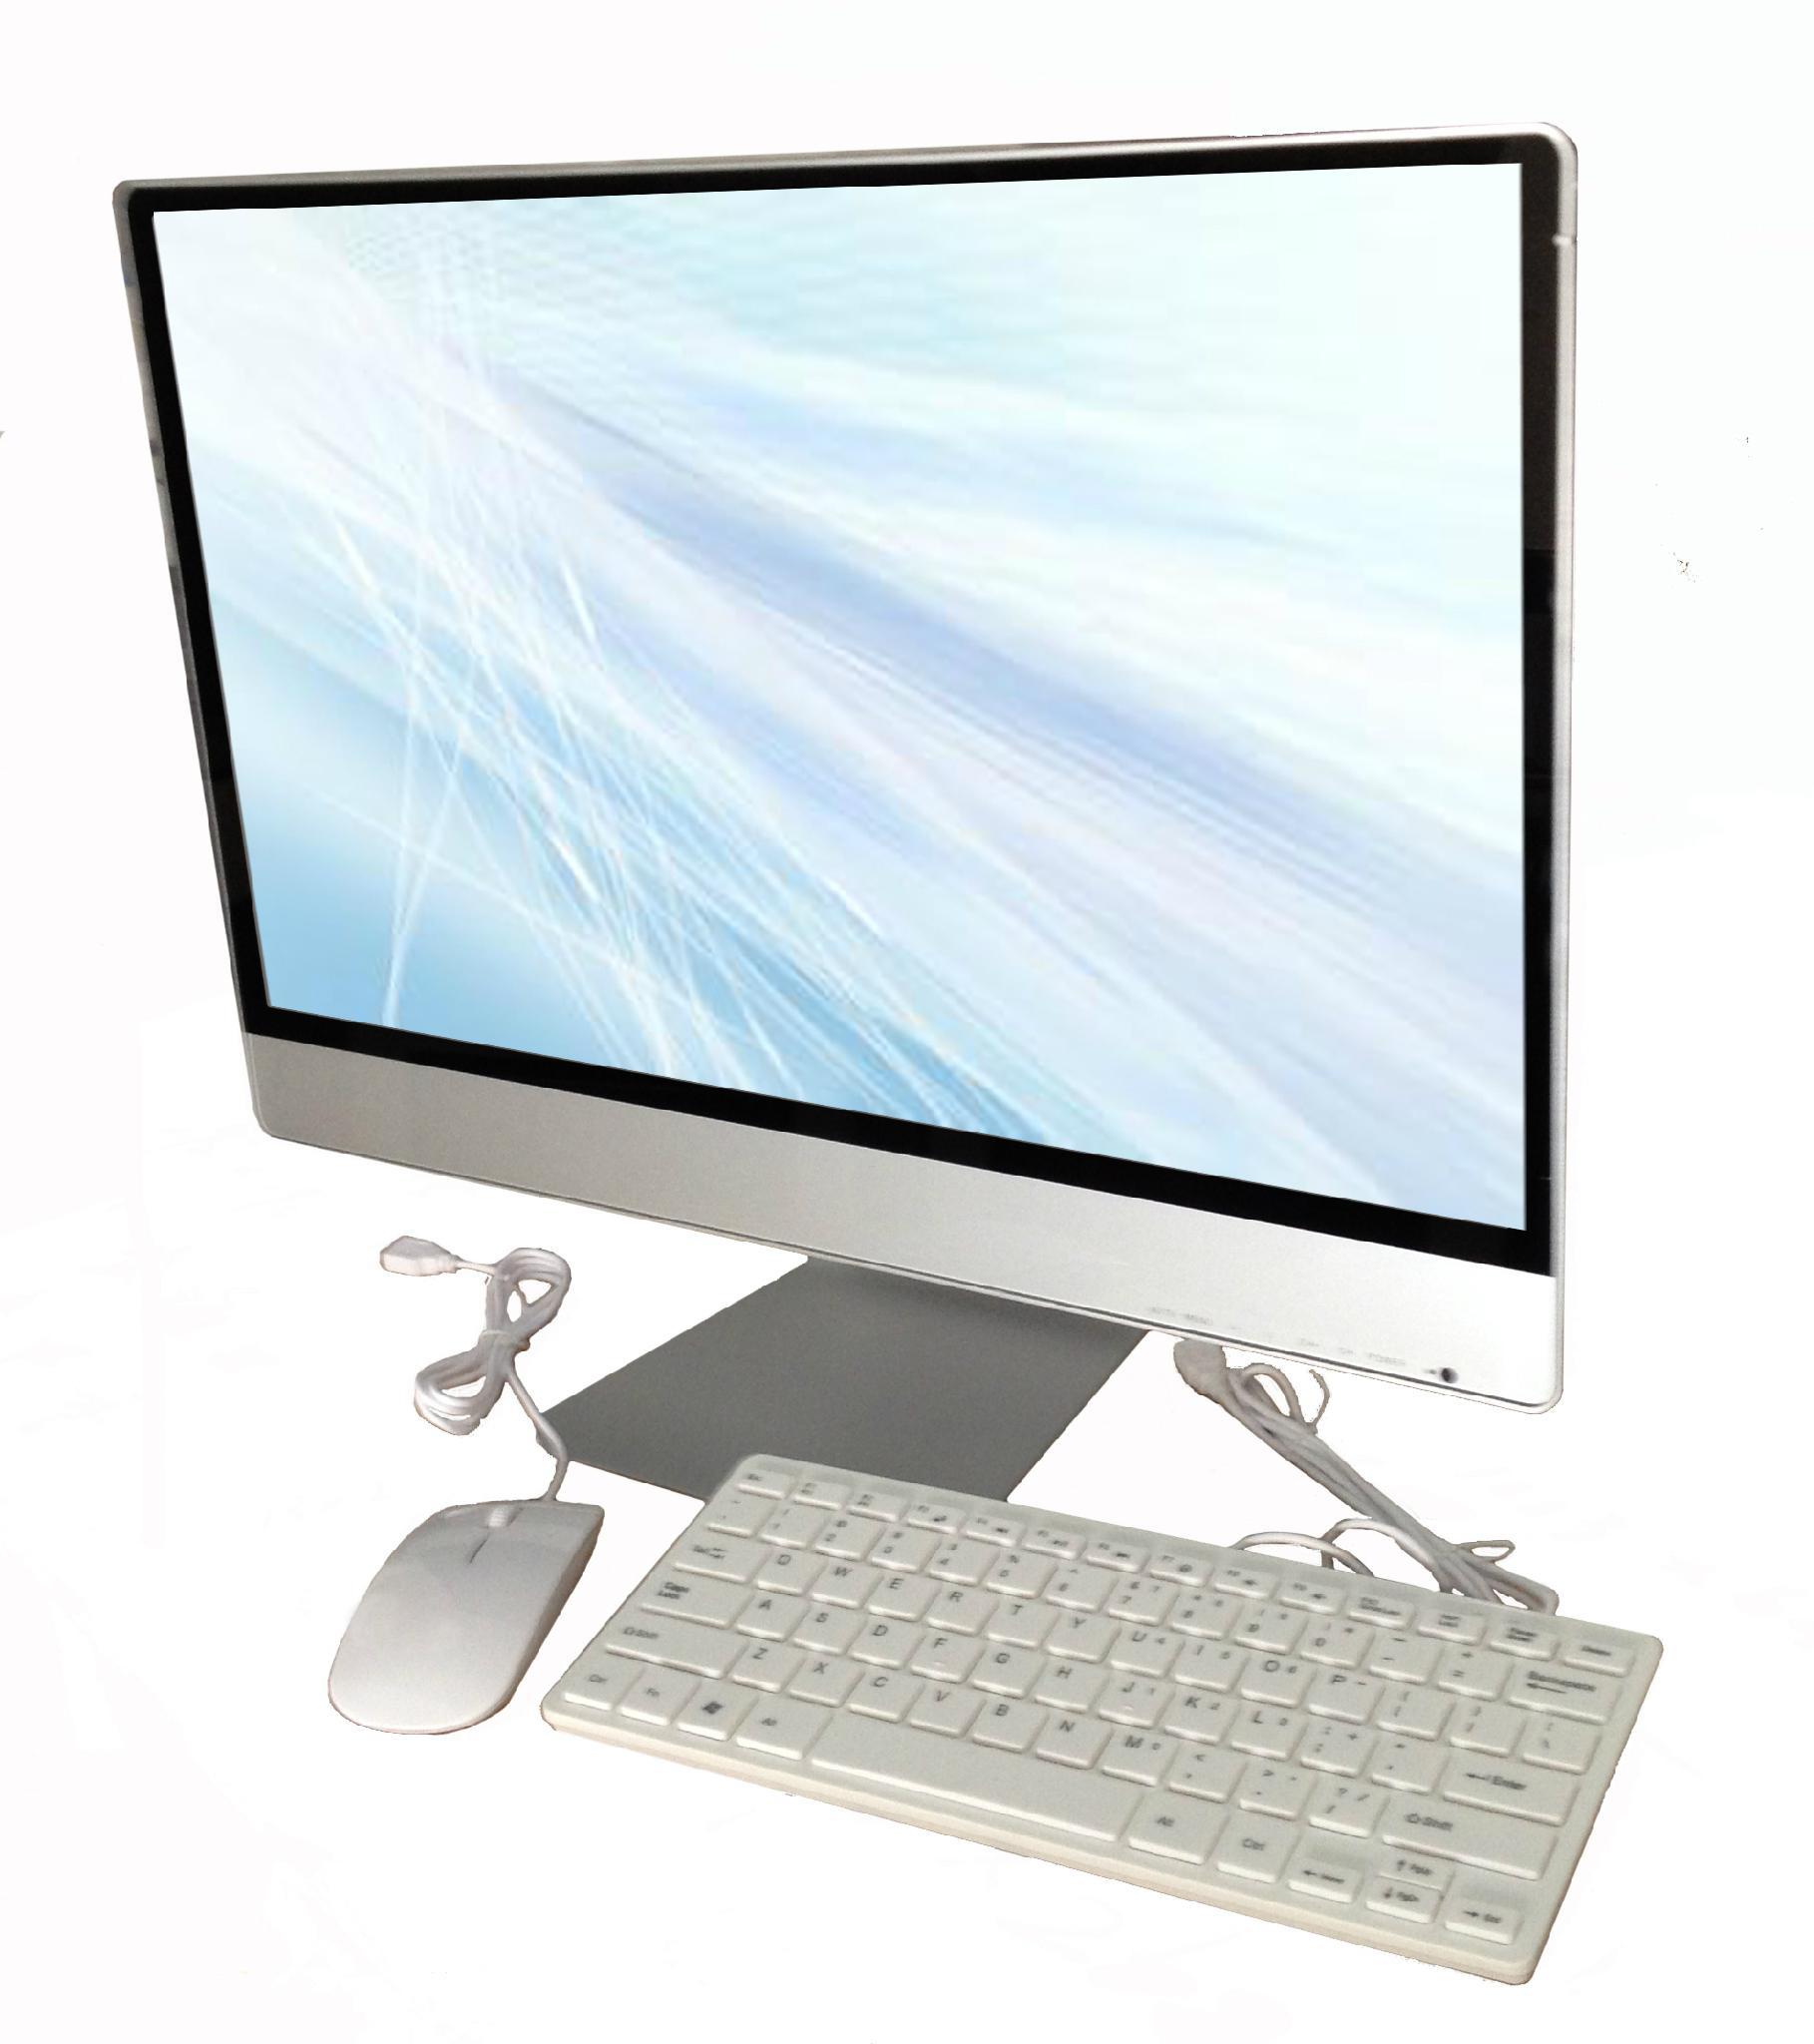 电脑模型 仿真电脑 一体机模型